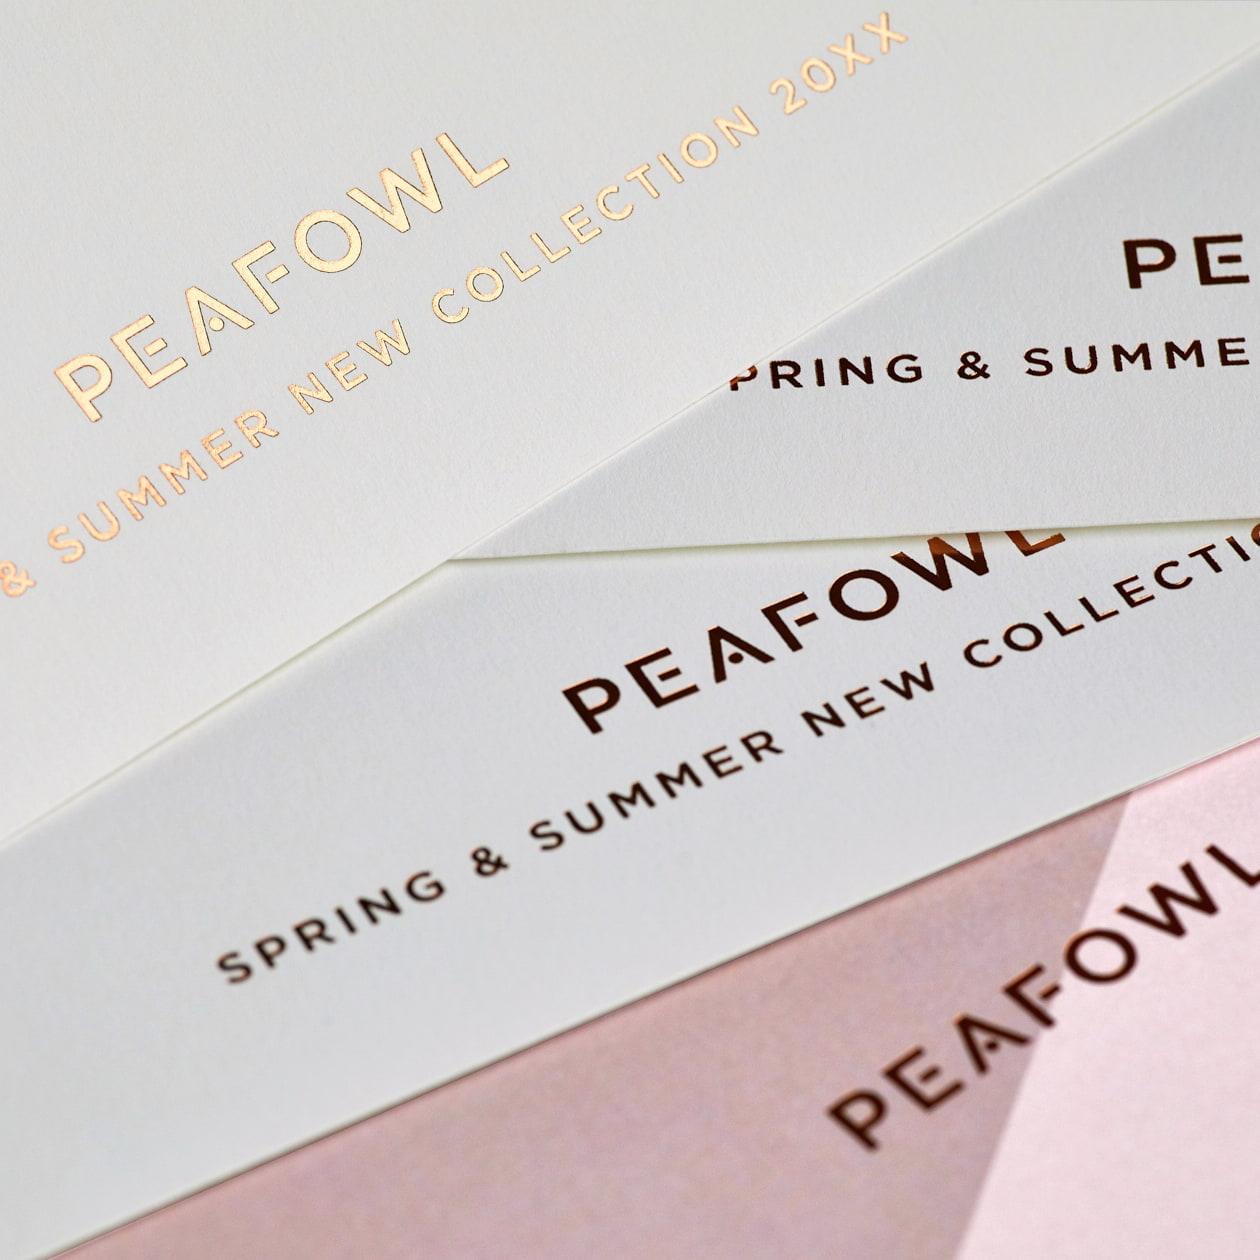 化粧品メーカーのシーズンコレクション案内状